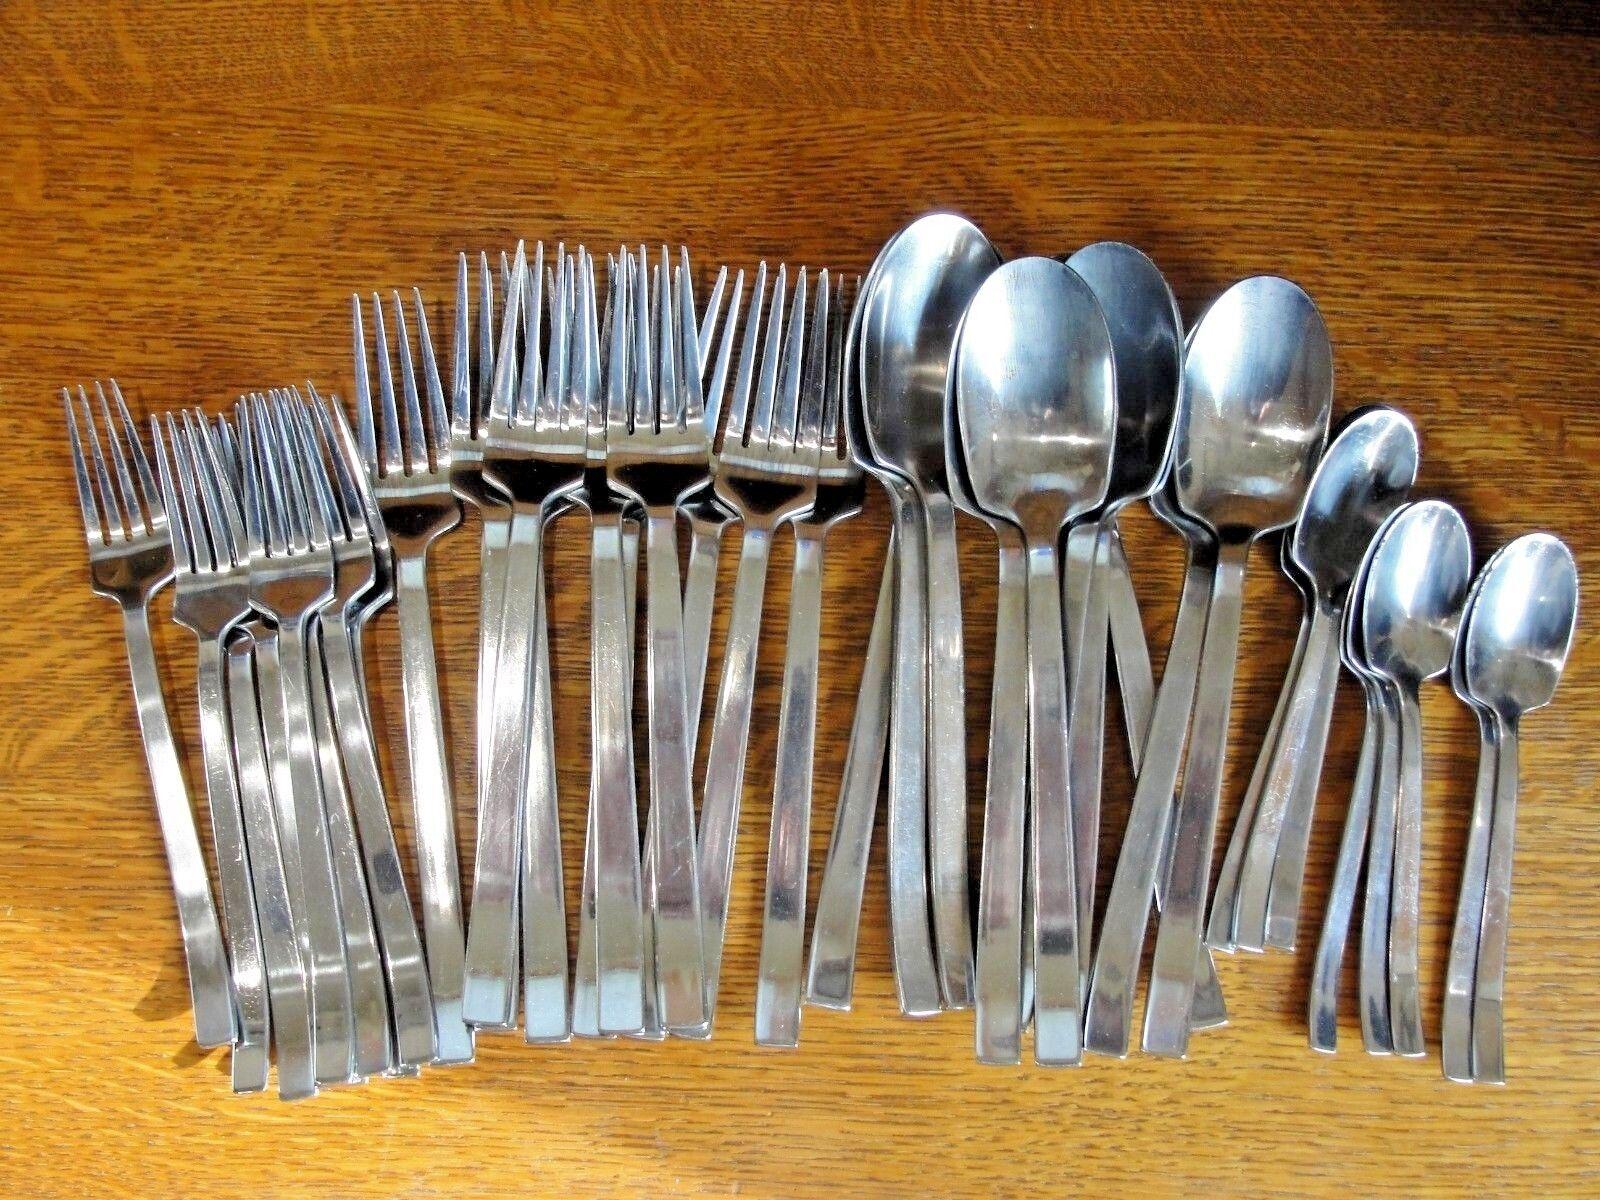 39 pcs IKEA  LARD  Stainless Steel Flatware  Forks & Spoons